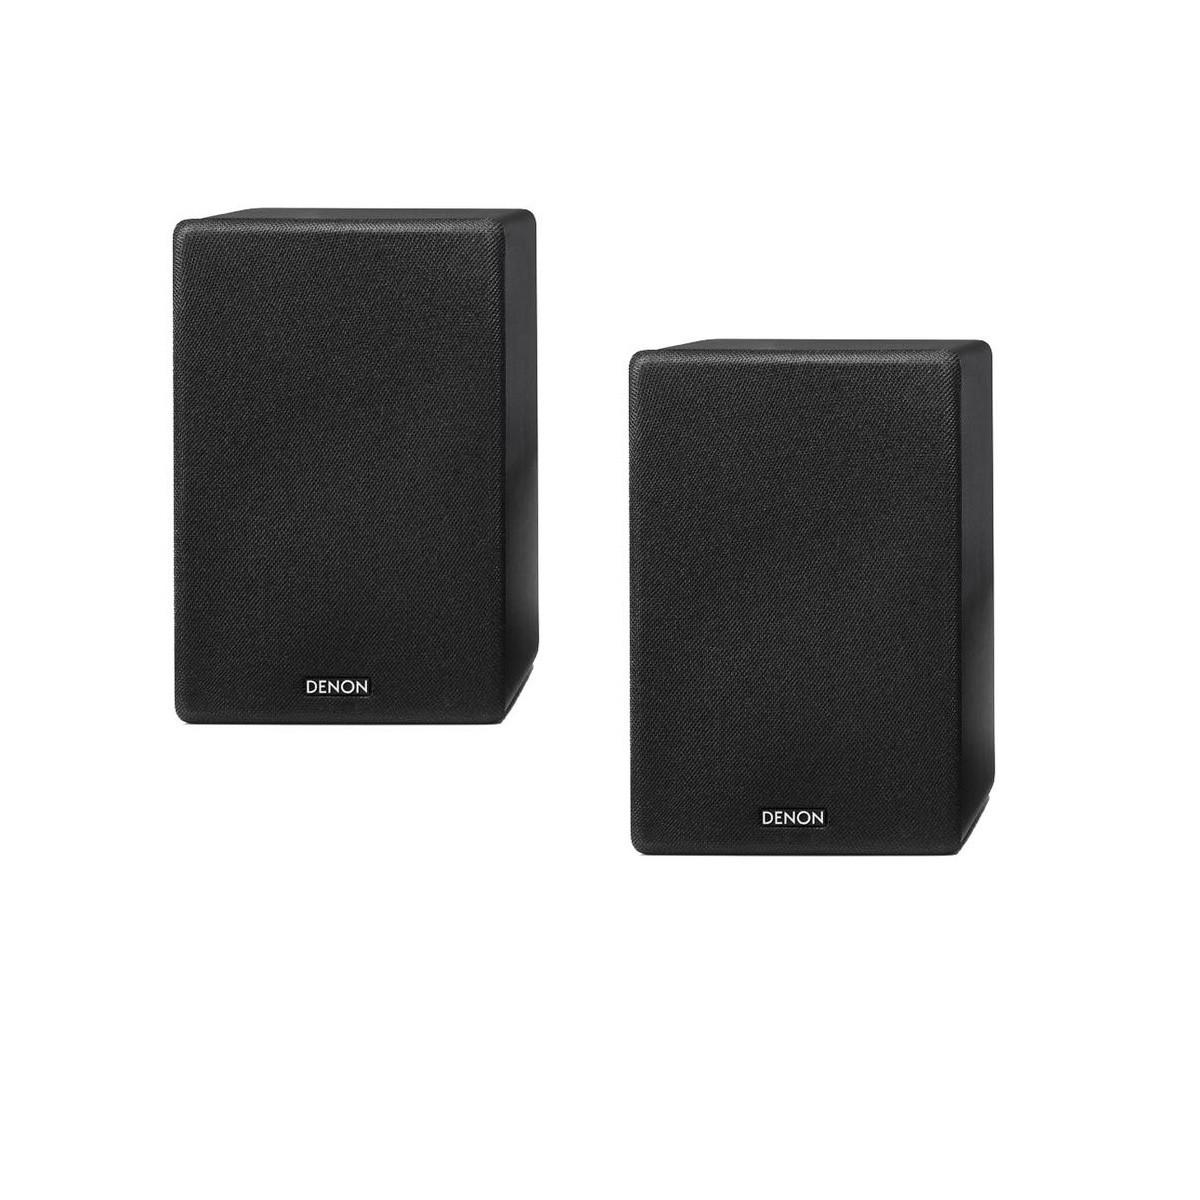 Denon SC-N 10 schwarz Paar -Sonderartikel- Lautsprecher